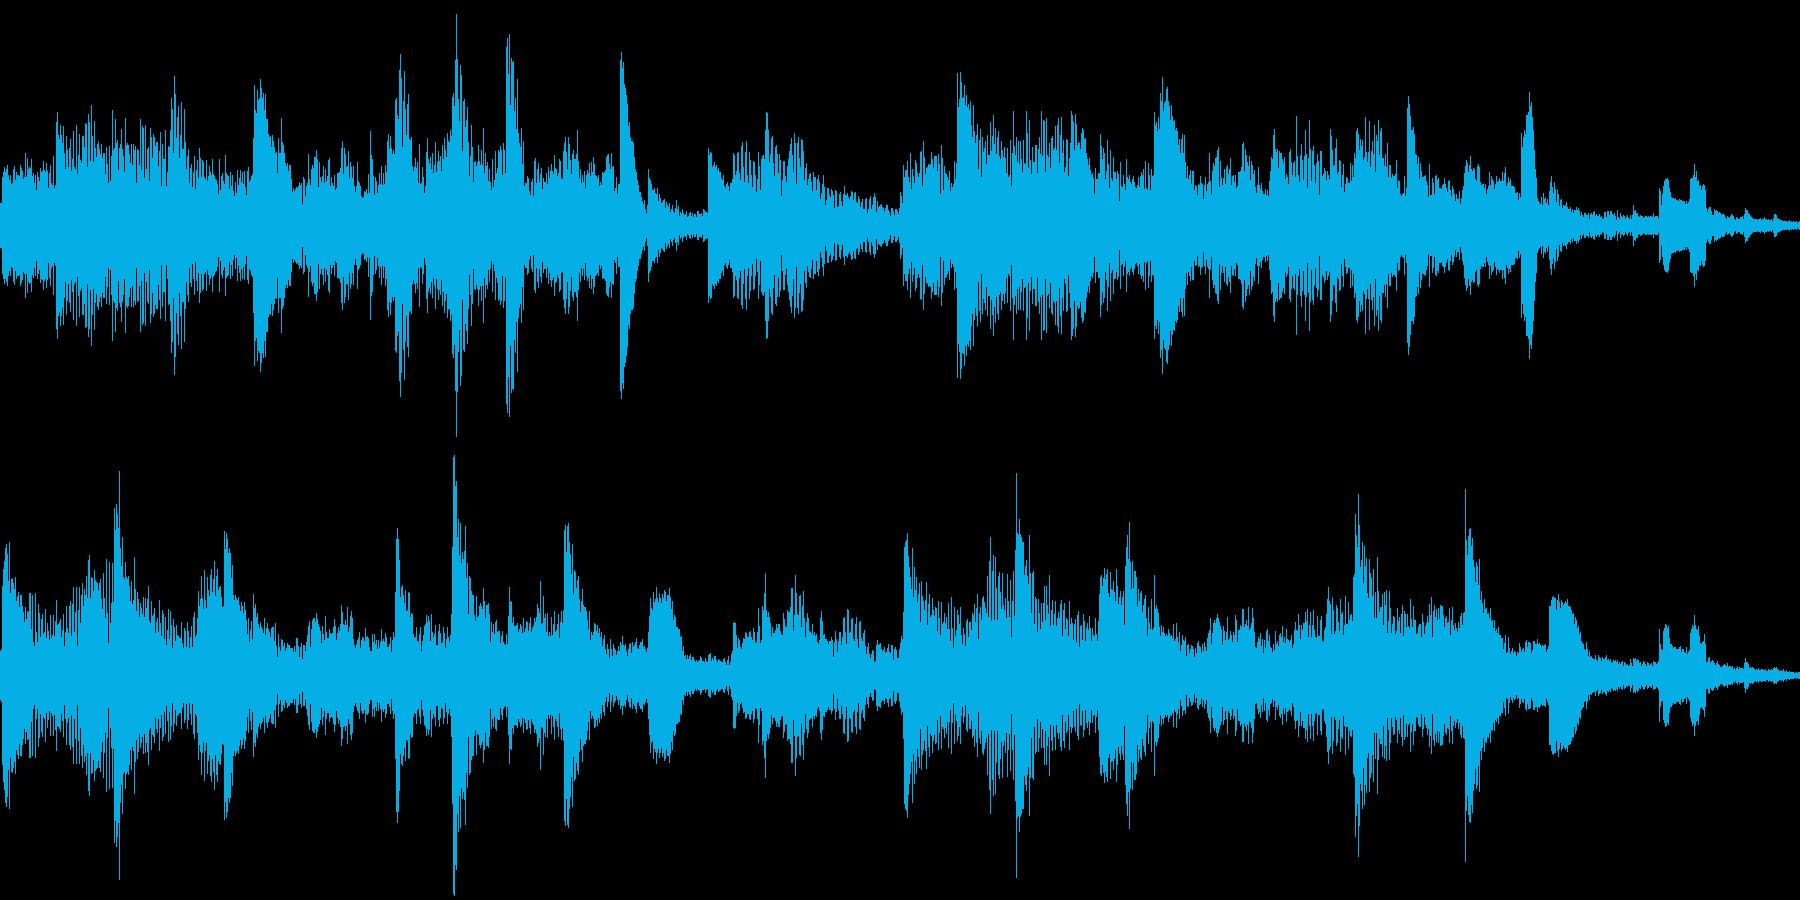 ループ マリンバとSEのエレクトロニカの再生済みの波形